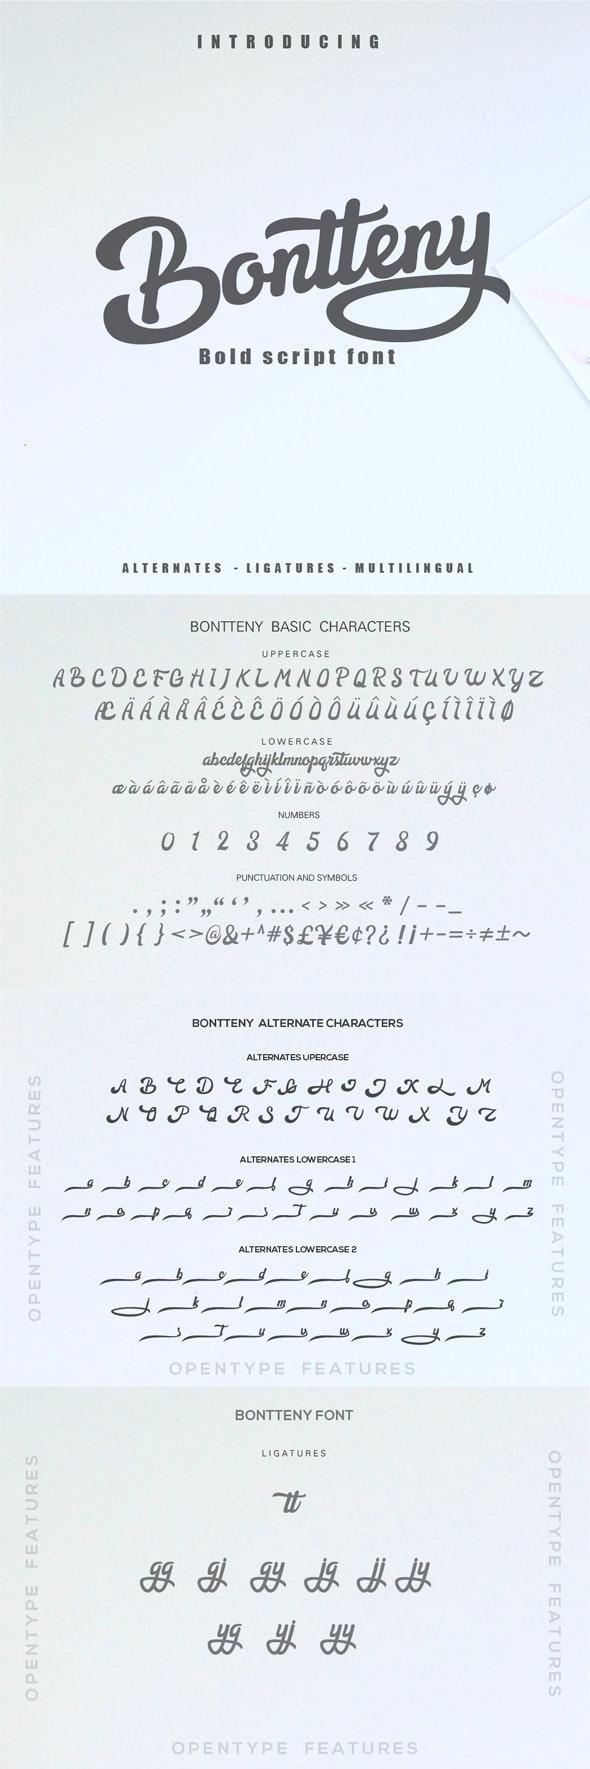 Bontteny Font - Script Fonts